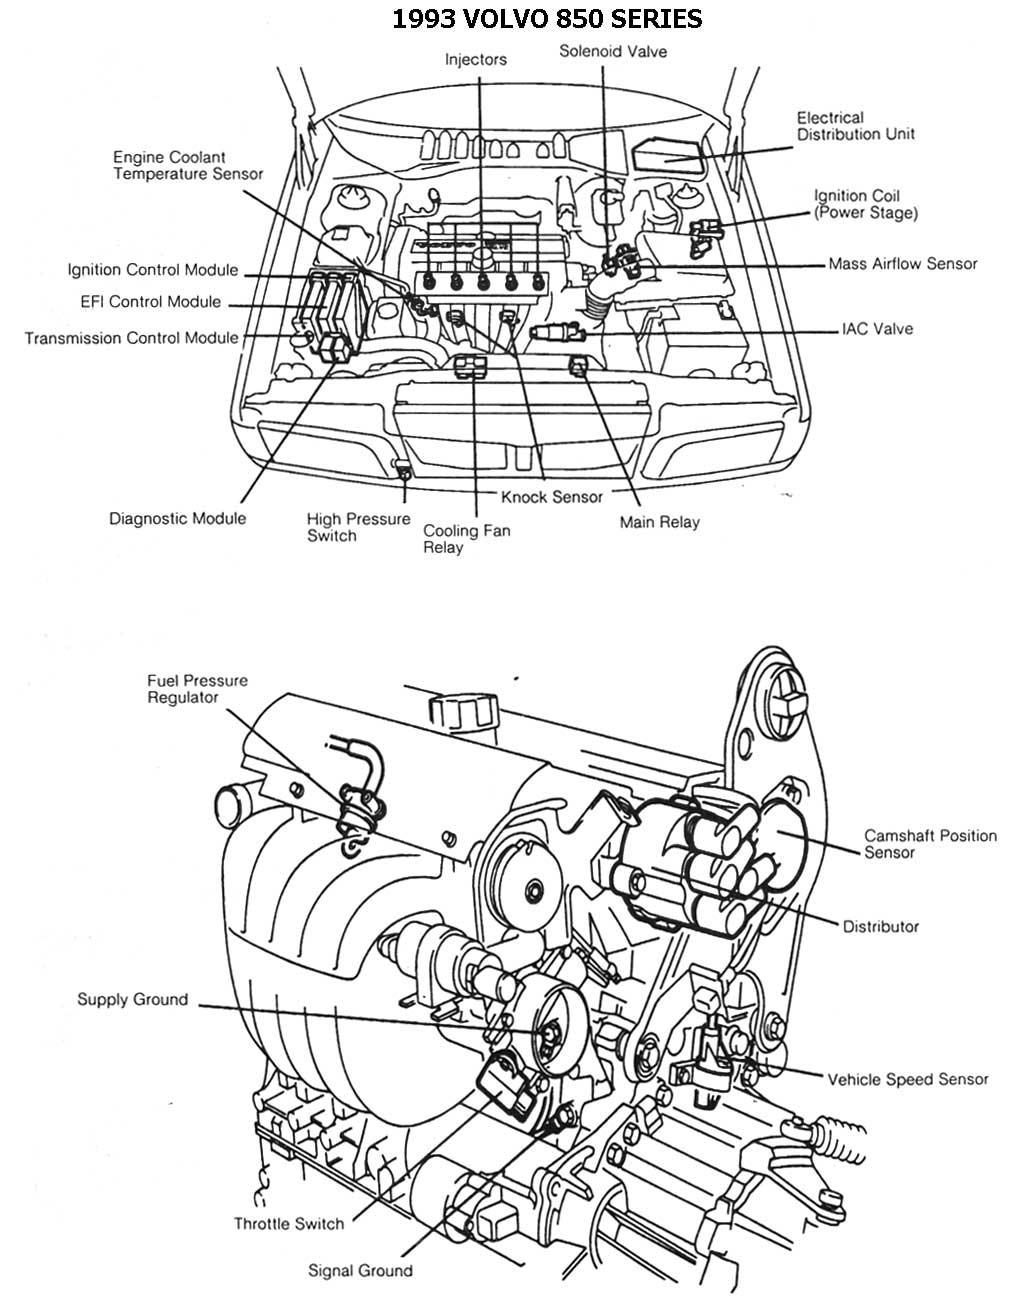 Volvo 1986 93 Diagramas Esquemas Ubicacion De Components 850 Camshaft Sensor 1993 Cec Ubic Comp